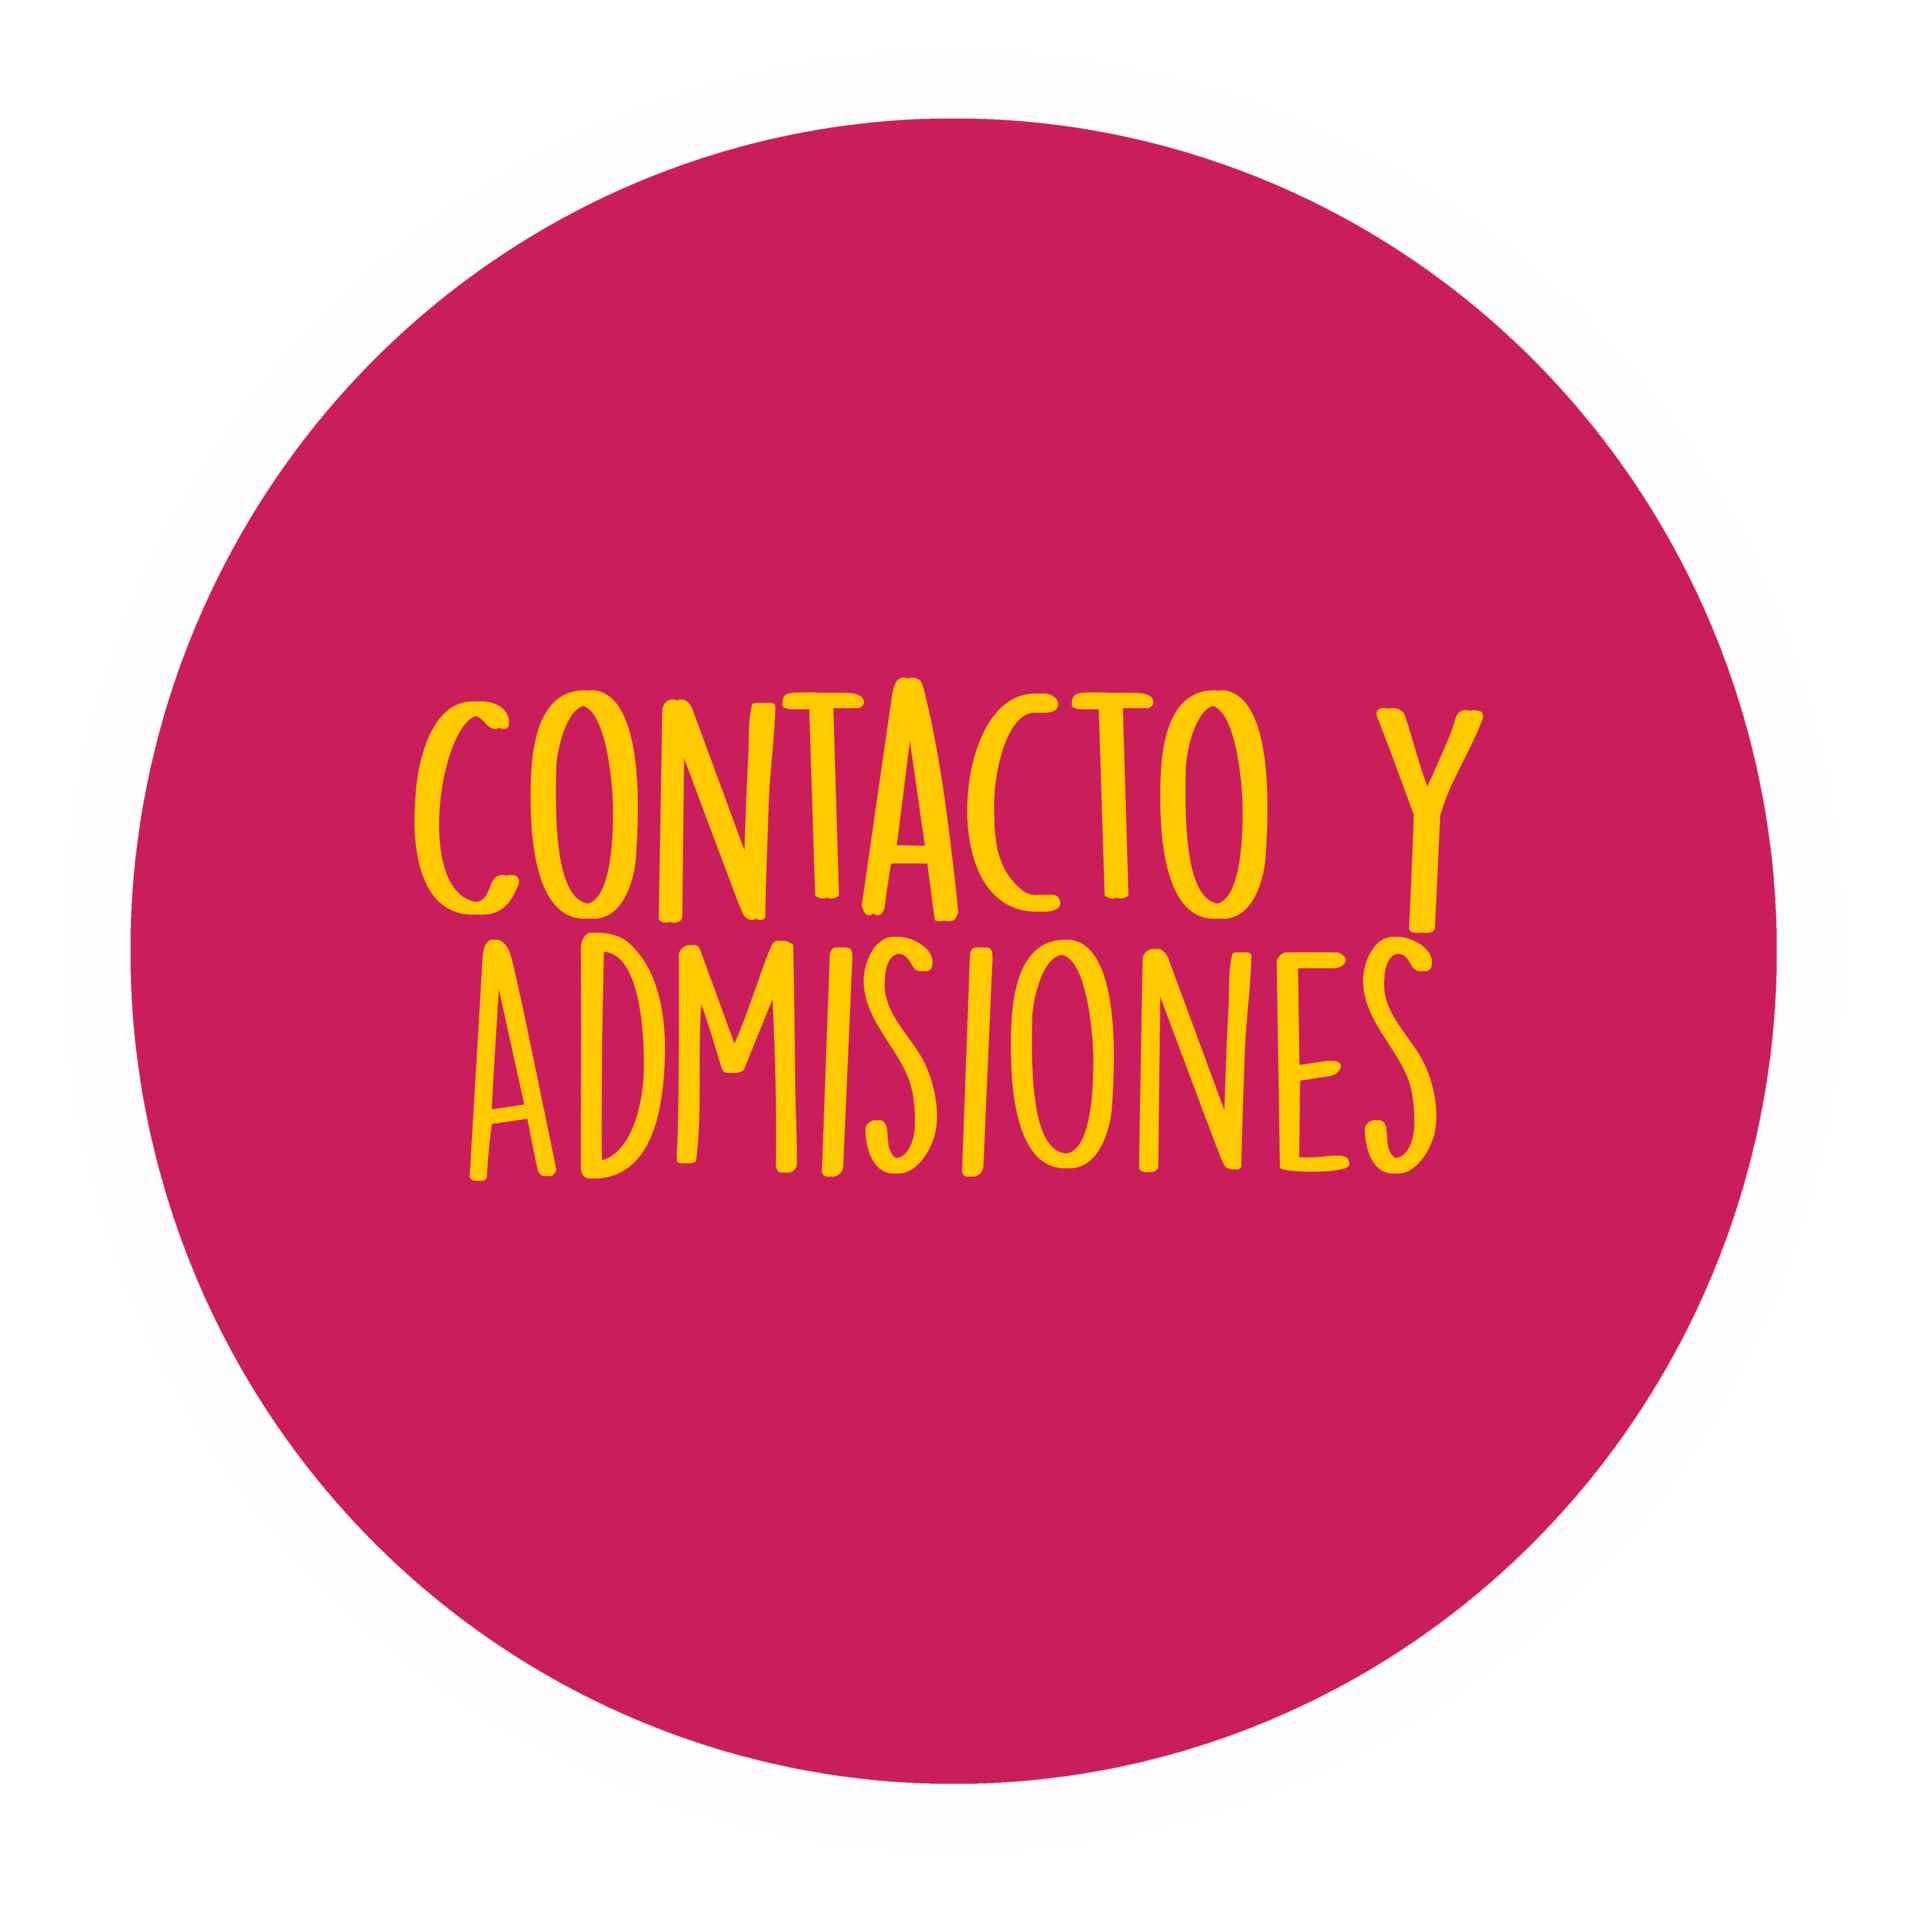 formulario de contacto y admisiones